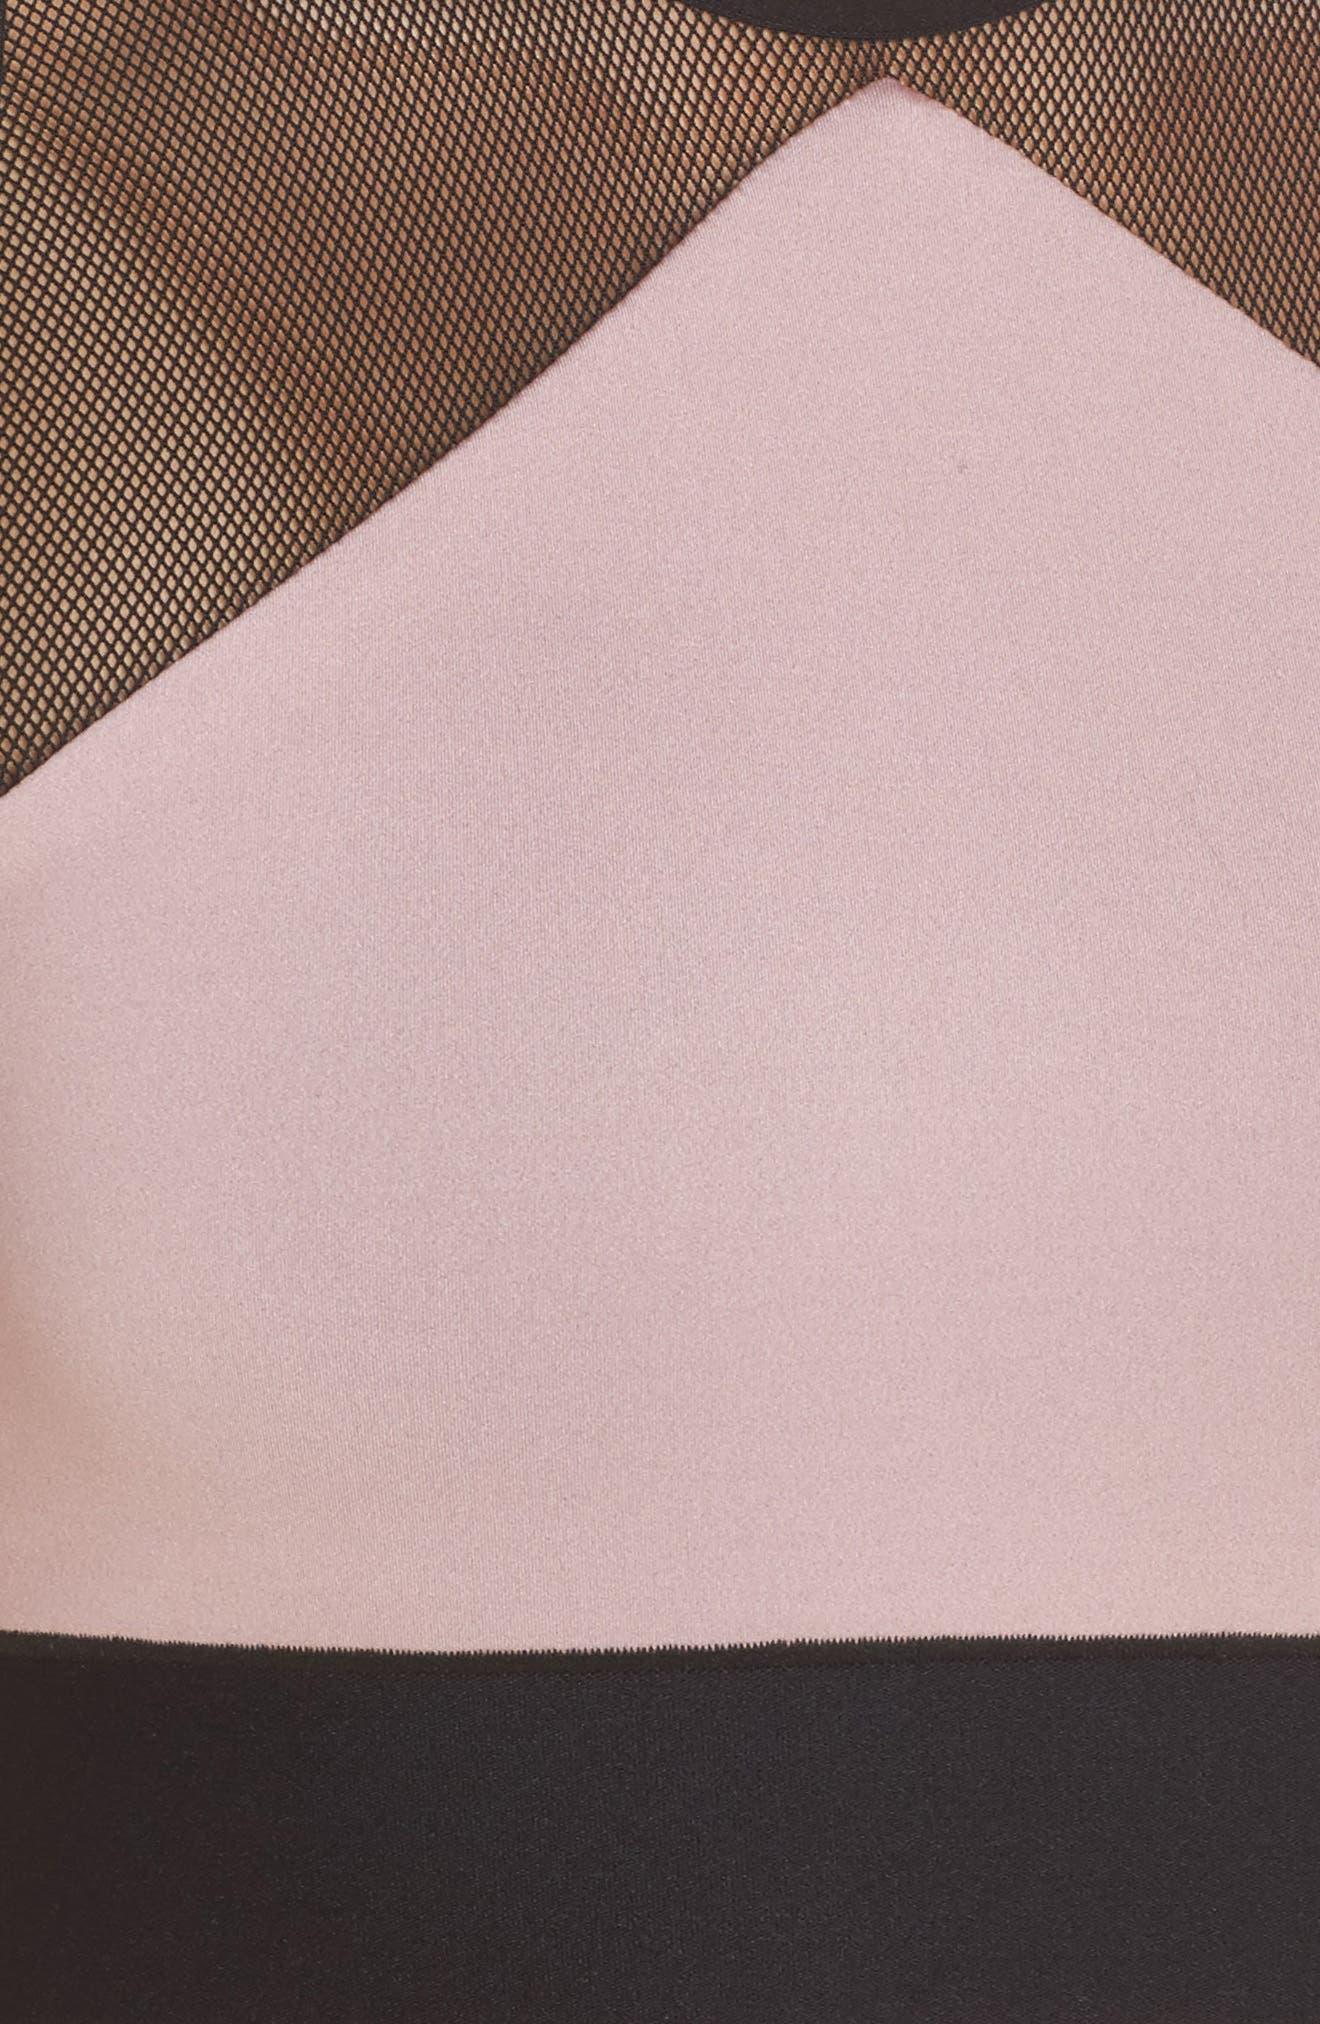 Adrift Sport Mesh Bikini Top,                             Alternate thumbnail 8, color,                             Blush Pink